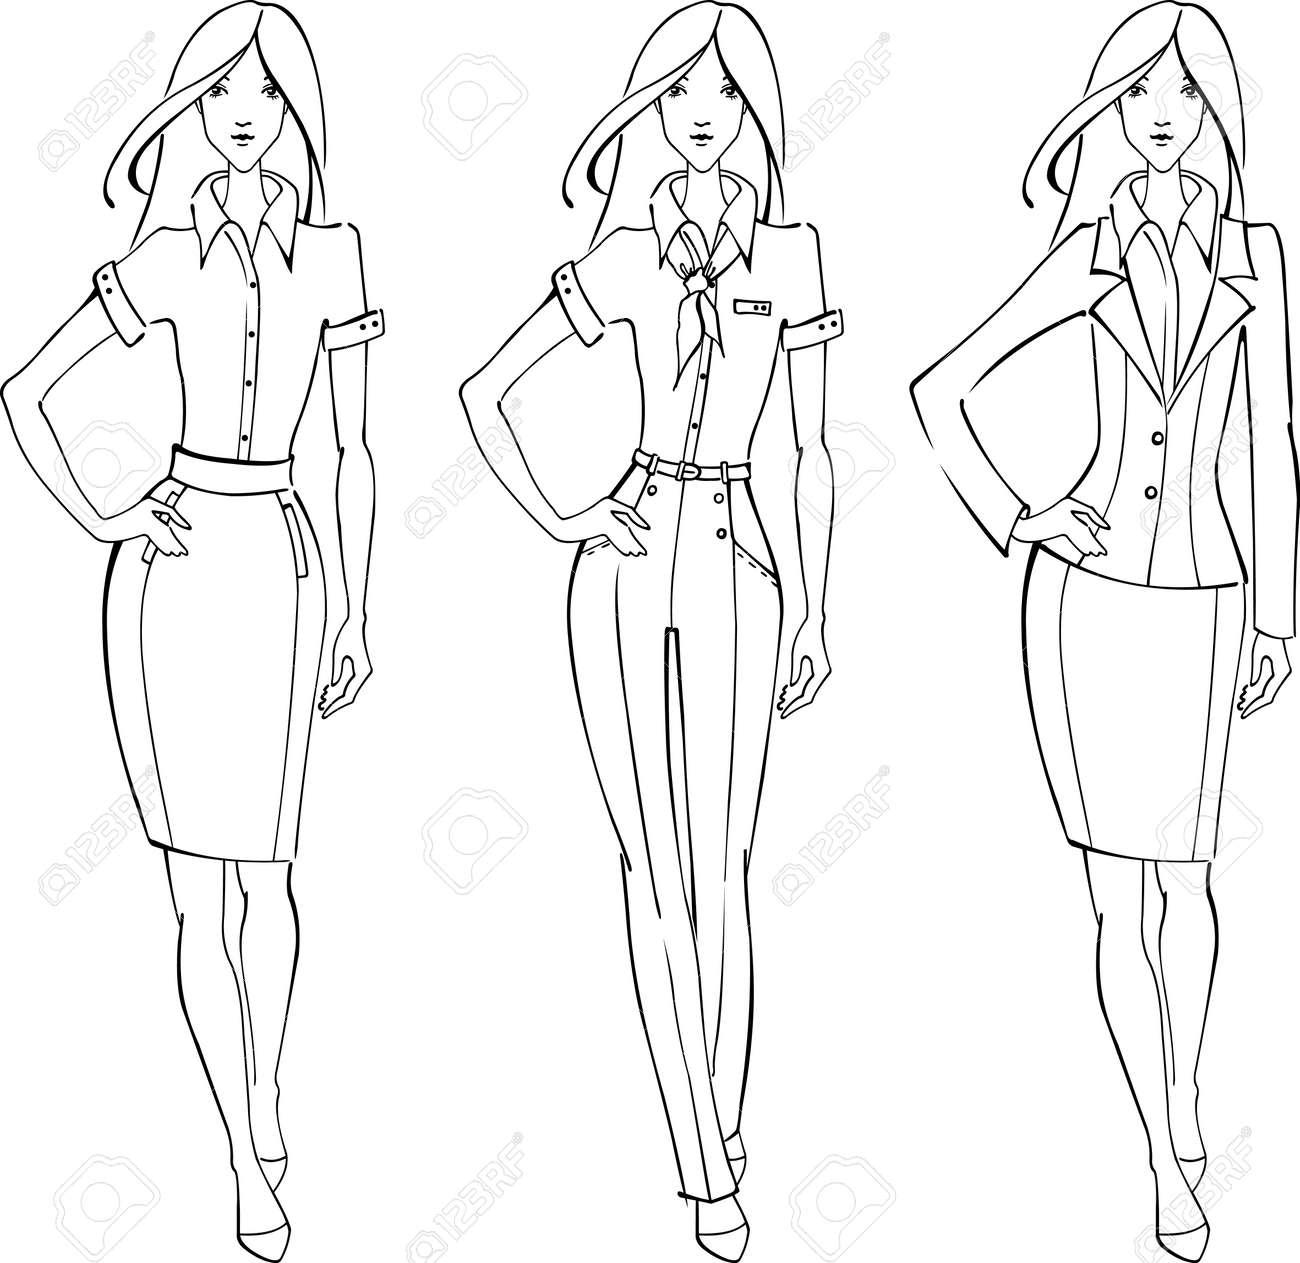 Sketch of businesswoman Stock Vector - 13201370